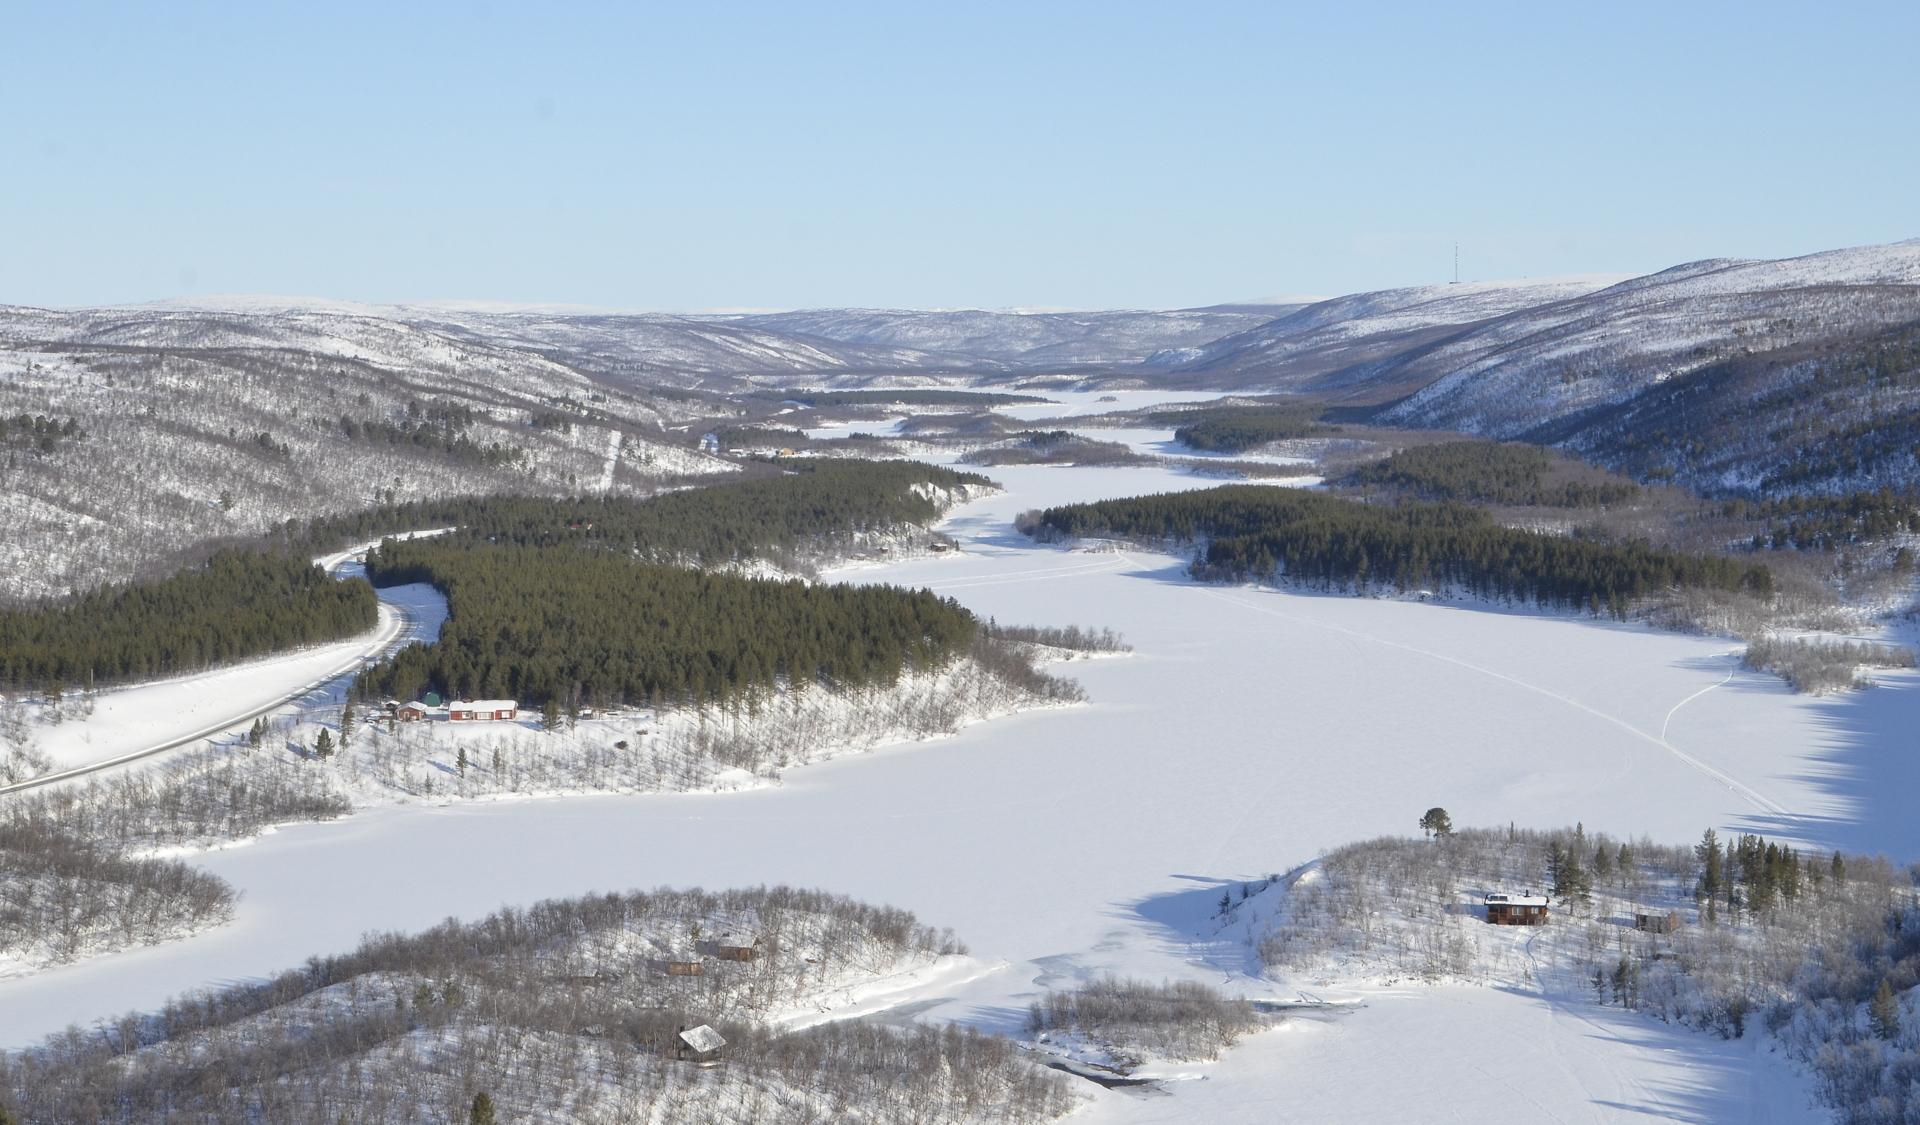 Taustalla siintää Norjan tunturit ja Utsjoen taajama.